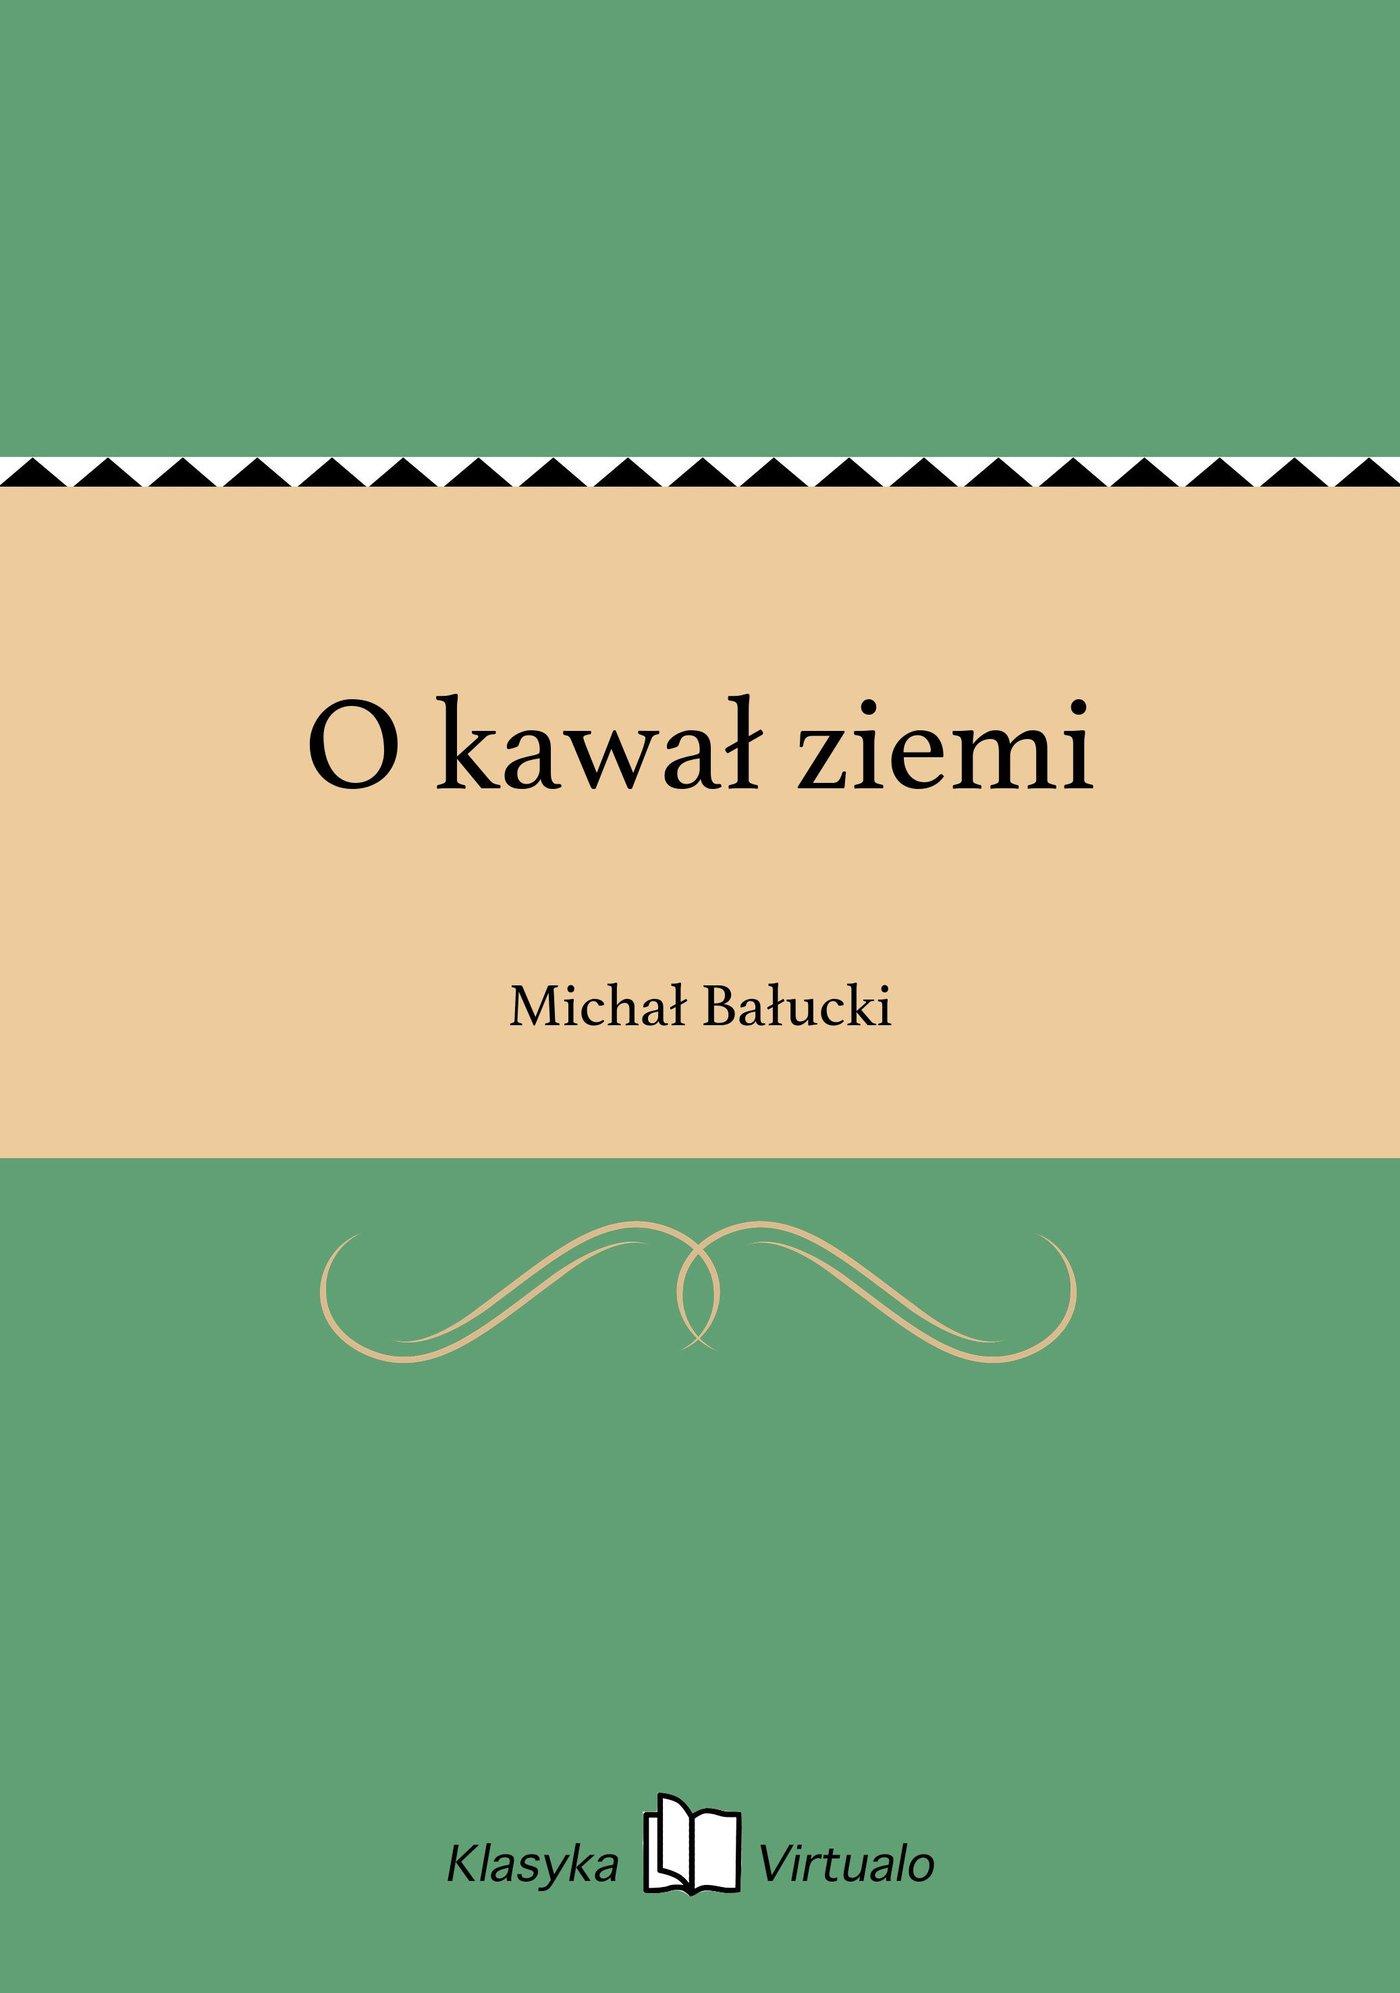 O kawał ziemi - Ebook (Książka na Kindle) do pobrania w formacie MOBI